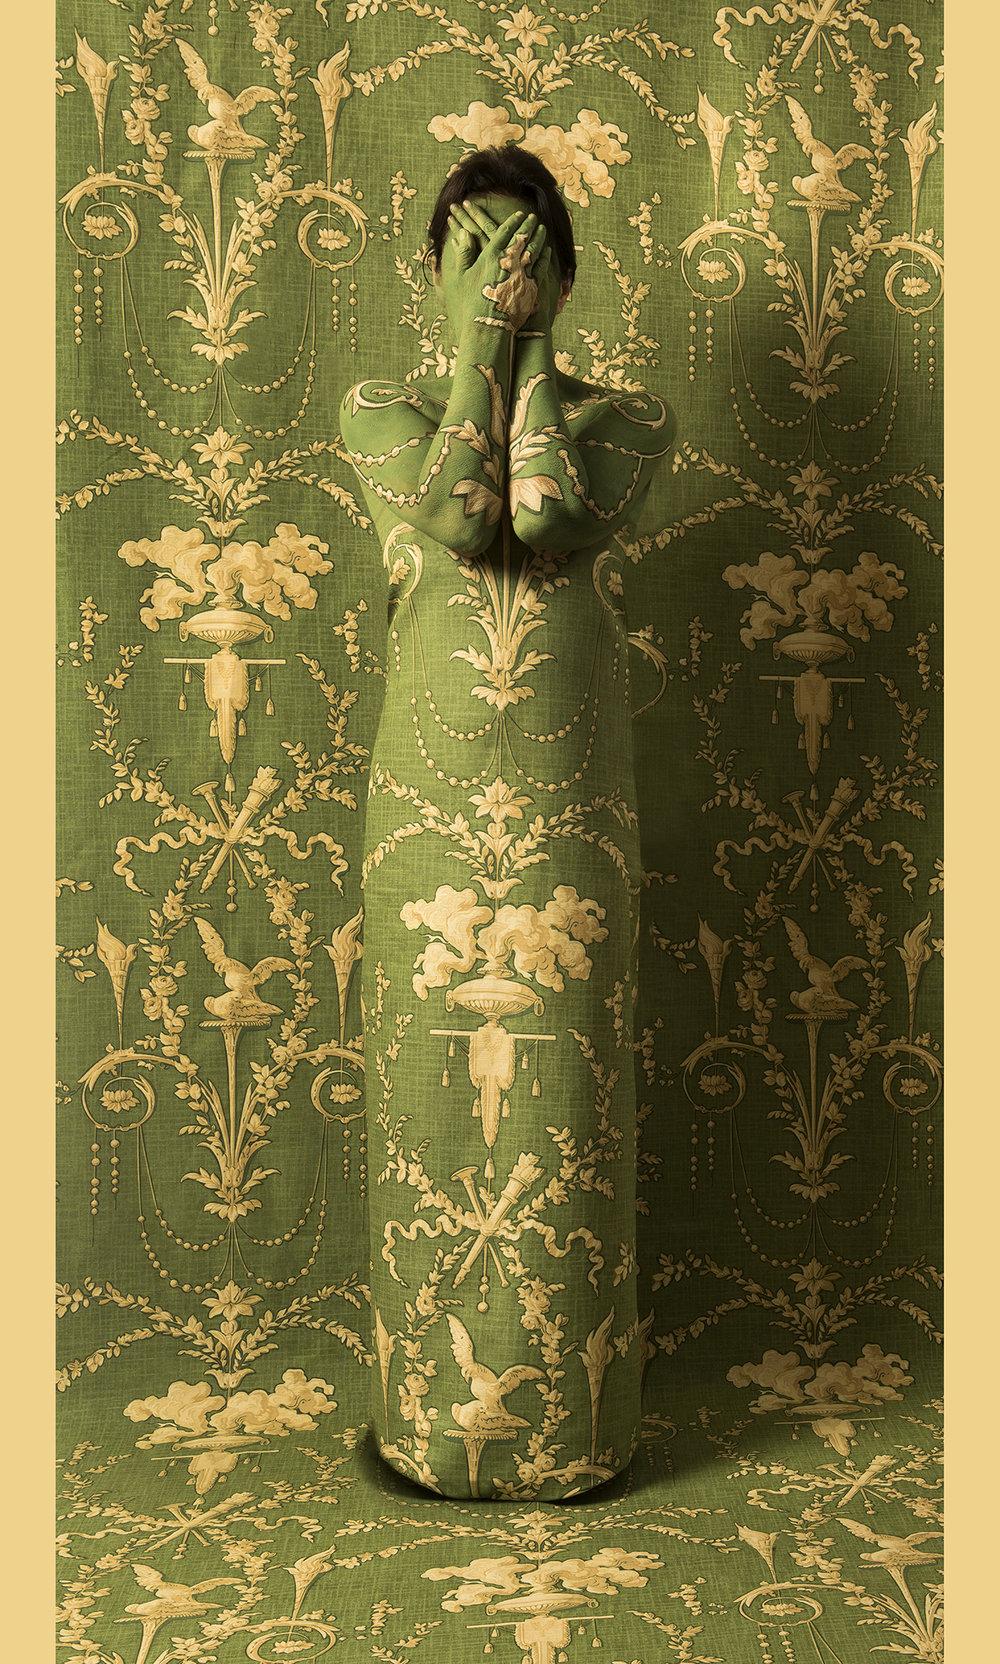 - Cecilia Paredes (Peru, b. 1950)The Secret / El Secreto, 2018Print on Belgian canvas / Impreso en canvas belga55 ⅛ x 32 ⅞ inches / pulgadasCourtesy of the artist and saltfineart / Cortesía de la artista y saltfineartDownload (JPG)